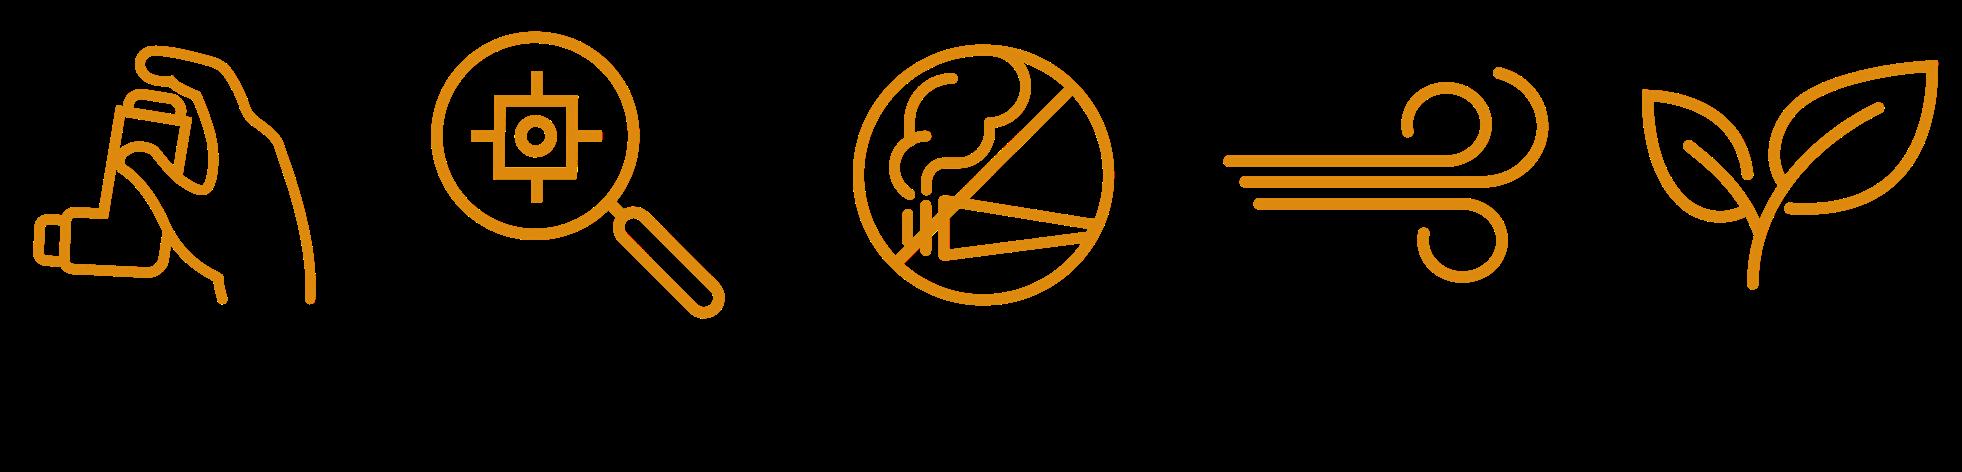 Molecular-Infusions-Cannabis-Marijuana-Inhaler-Icons.png